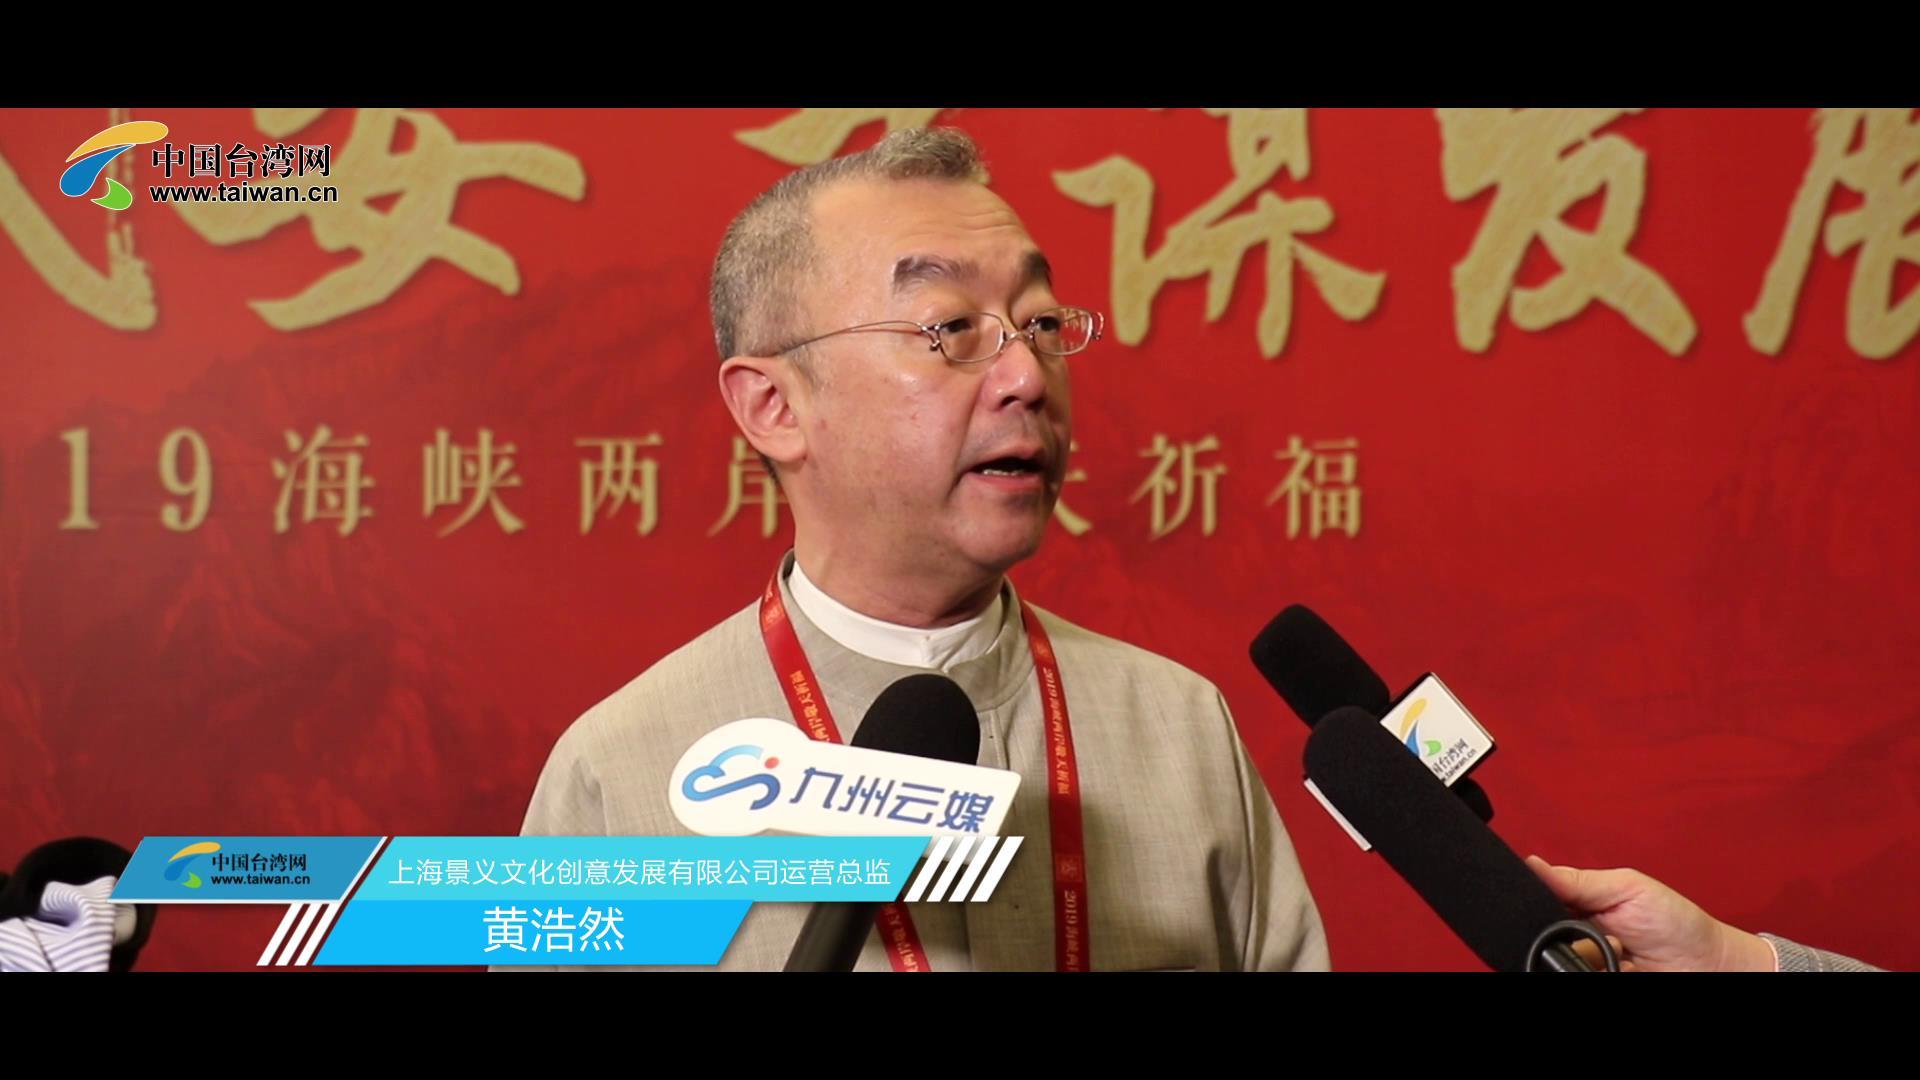 上海景义文化创意发展有限公司运营总监-黄浩然图片